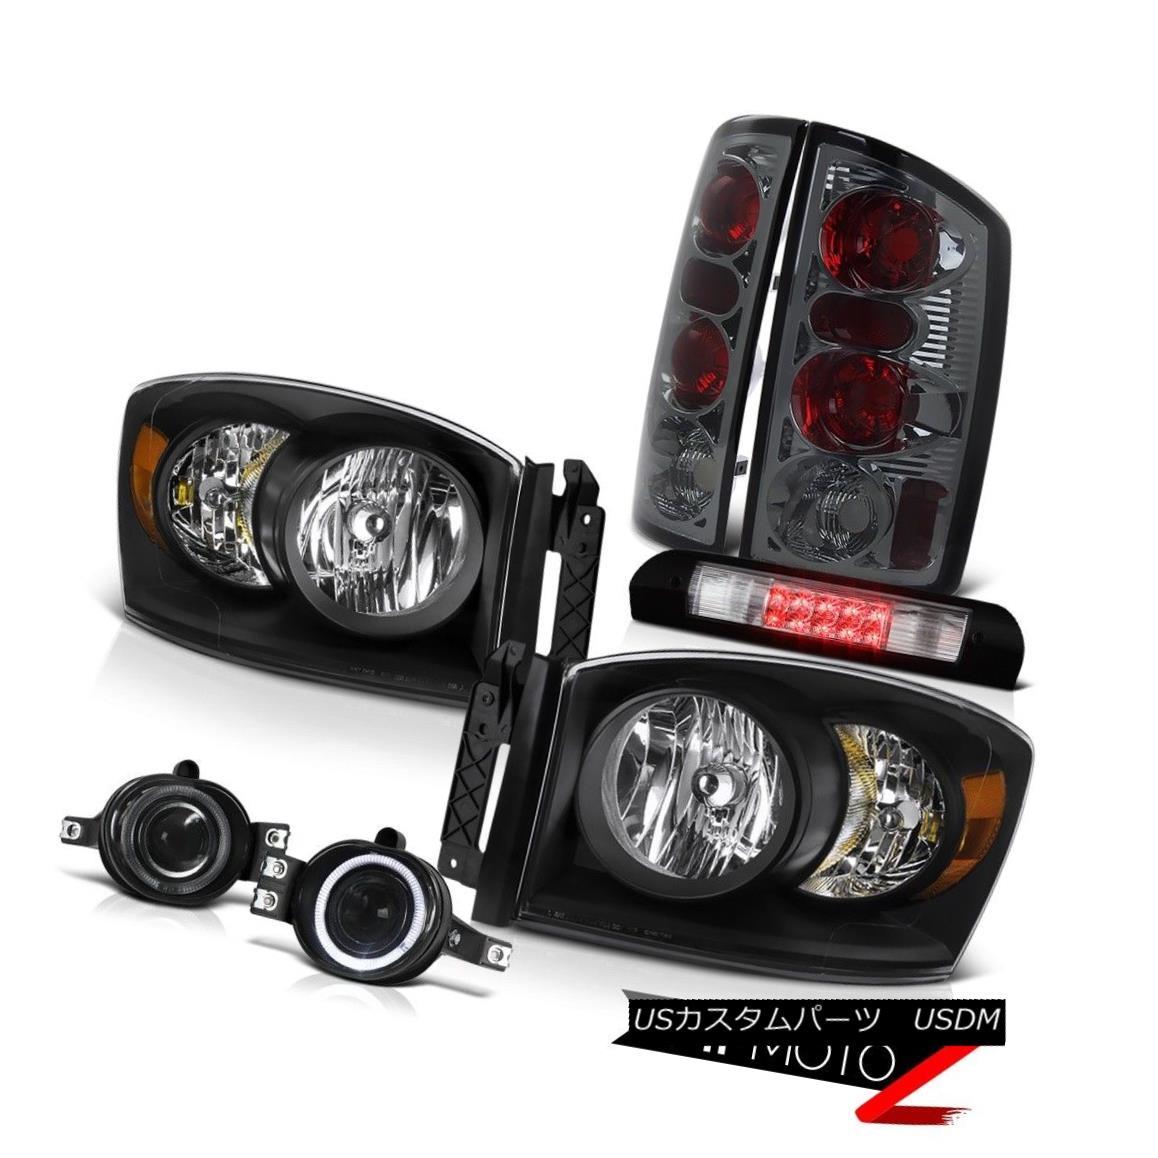 ヘッドライト Black Headlamps Brake Tail Lamp Projector Fog High Stop LED 2006 Dodge Ram 2500 ブラックヘッドランプブレーキテールランププロジェクターフォグハイストップLED 2006 Dodge Ram 2500